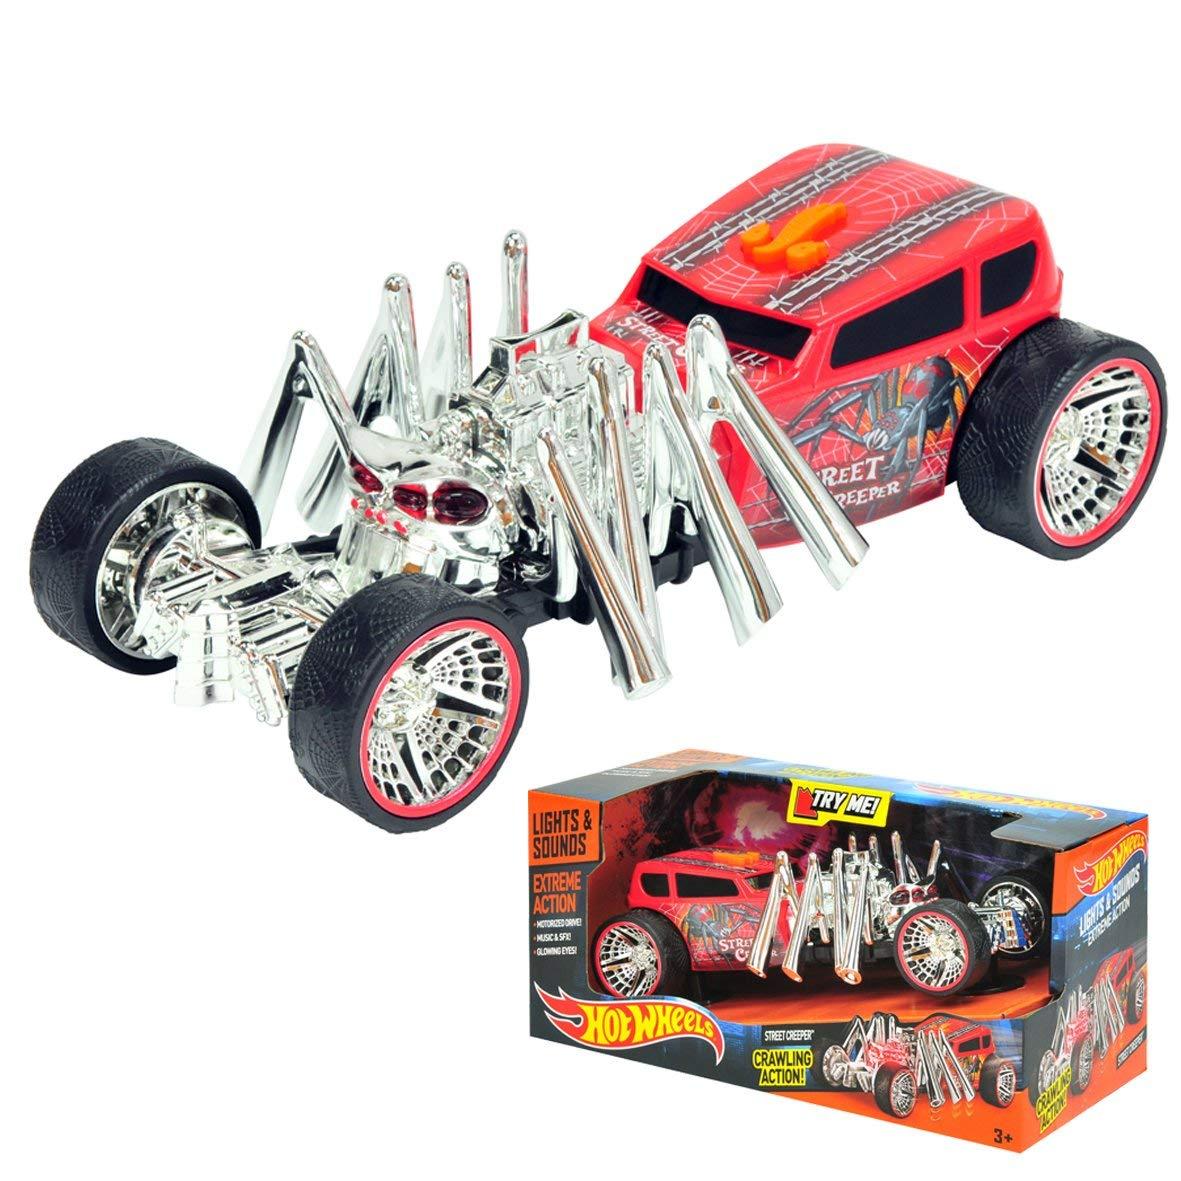 【日本限定モデル】 Toy State - B00IFUFLXI Hot Wheels - Extreme Action - - Wheels Light and Sound Steet Creeper B00IFUFLXI, newRYORK(ニューリョーク):085f96a8 --- a0267596.xsph.ru